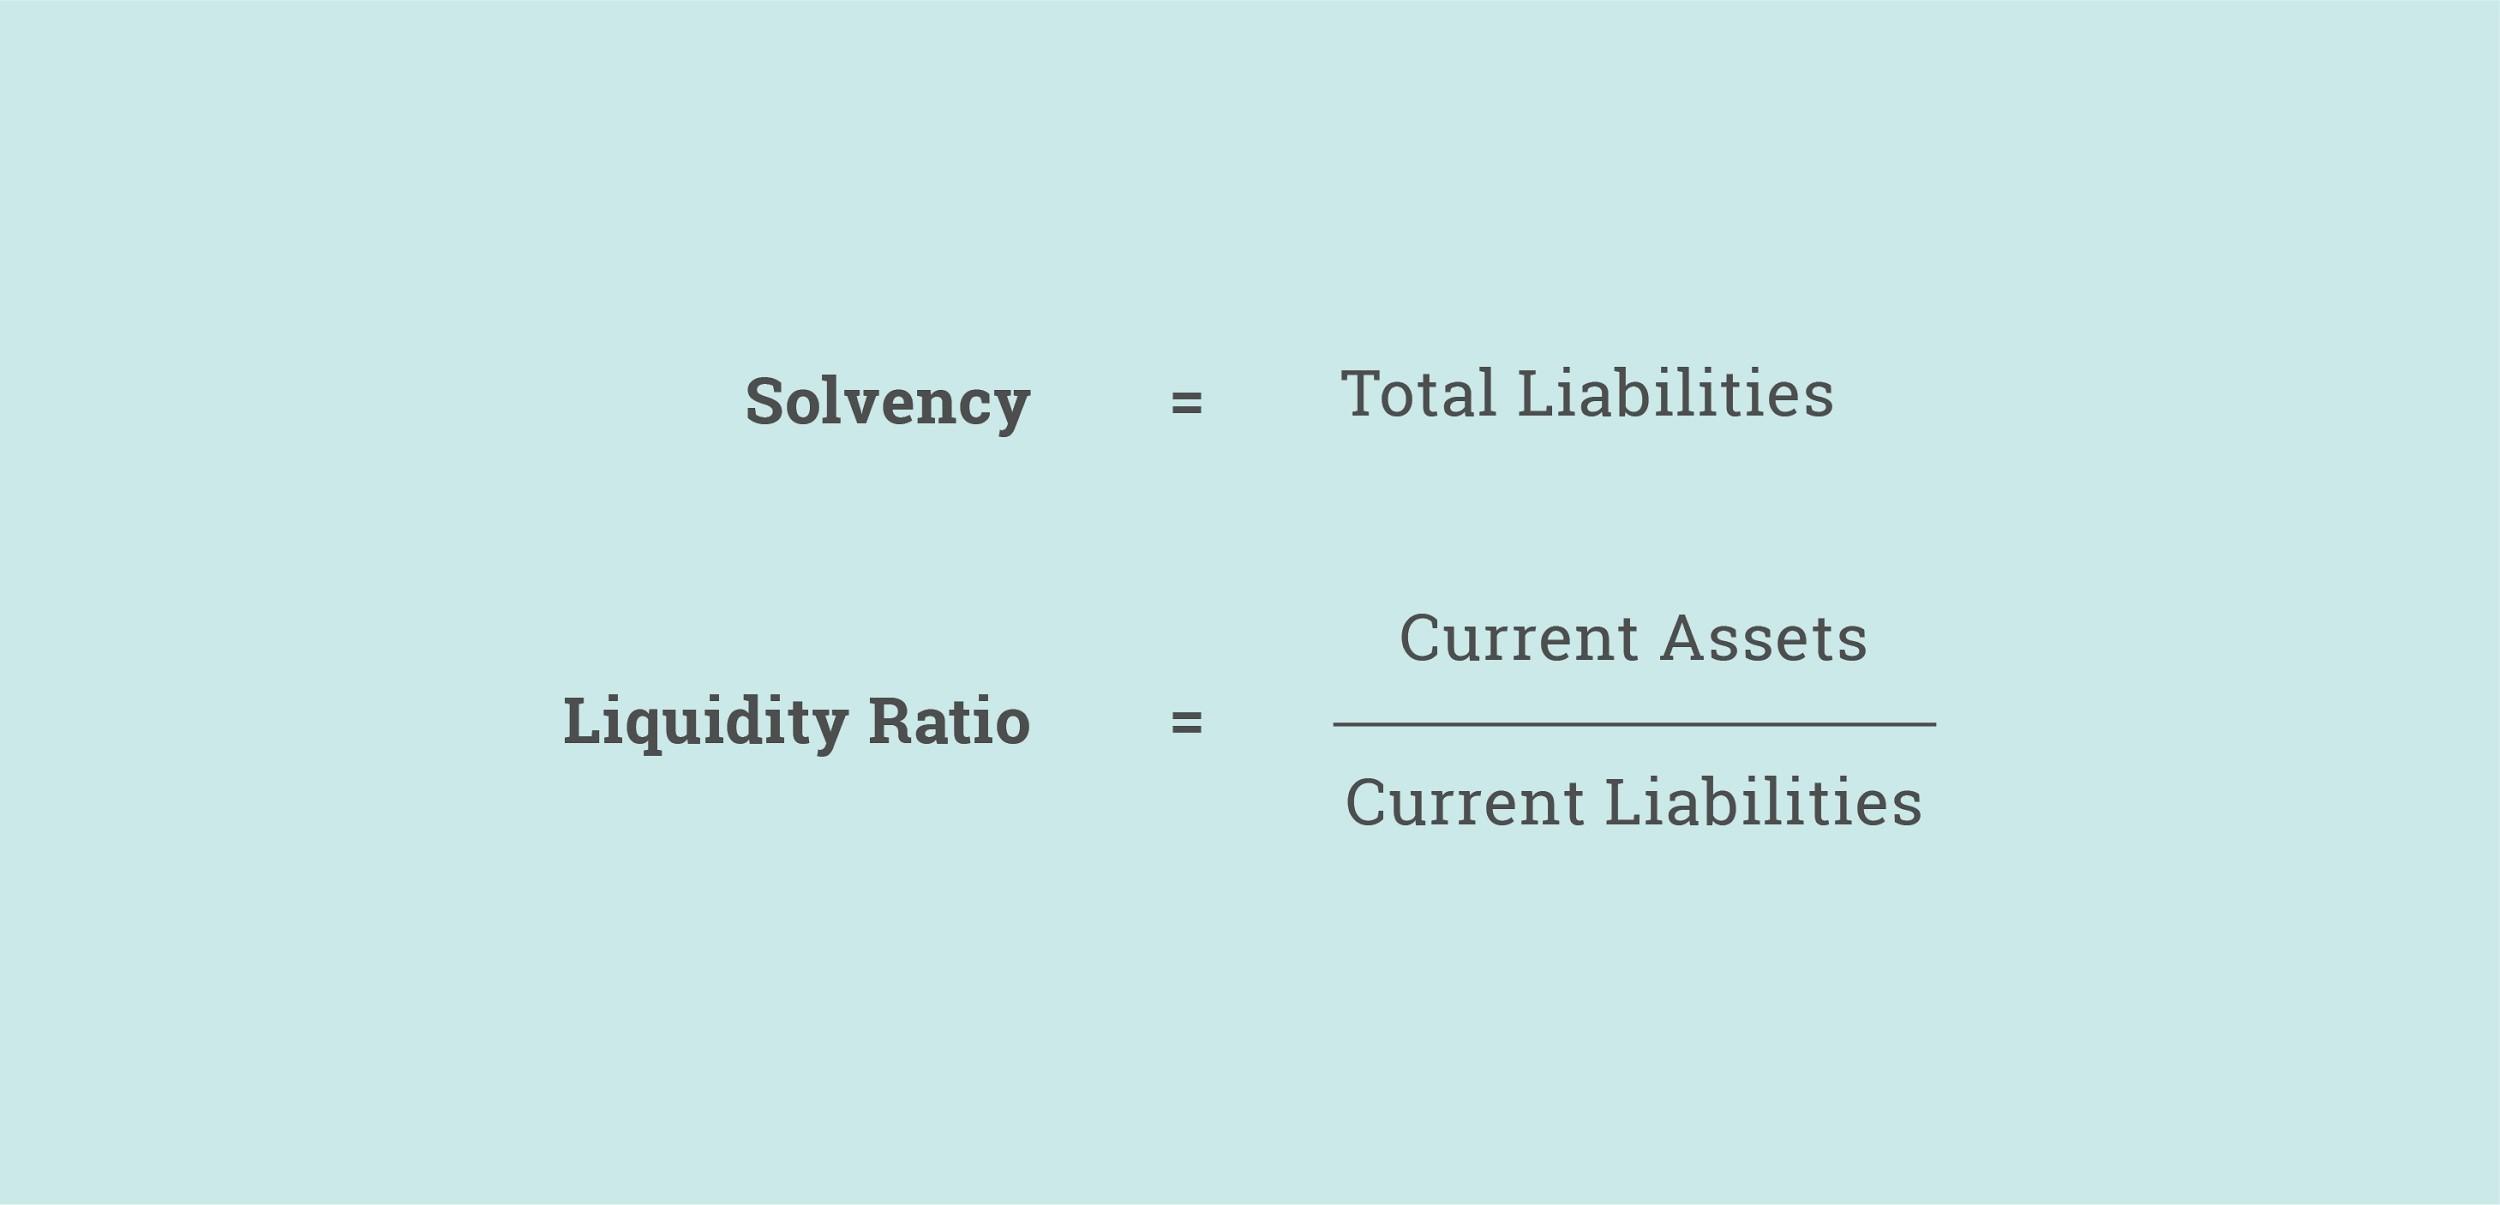 Solvency and Liquidity Ratio Formulas